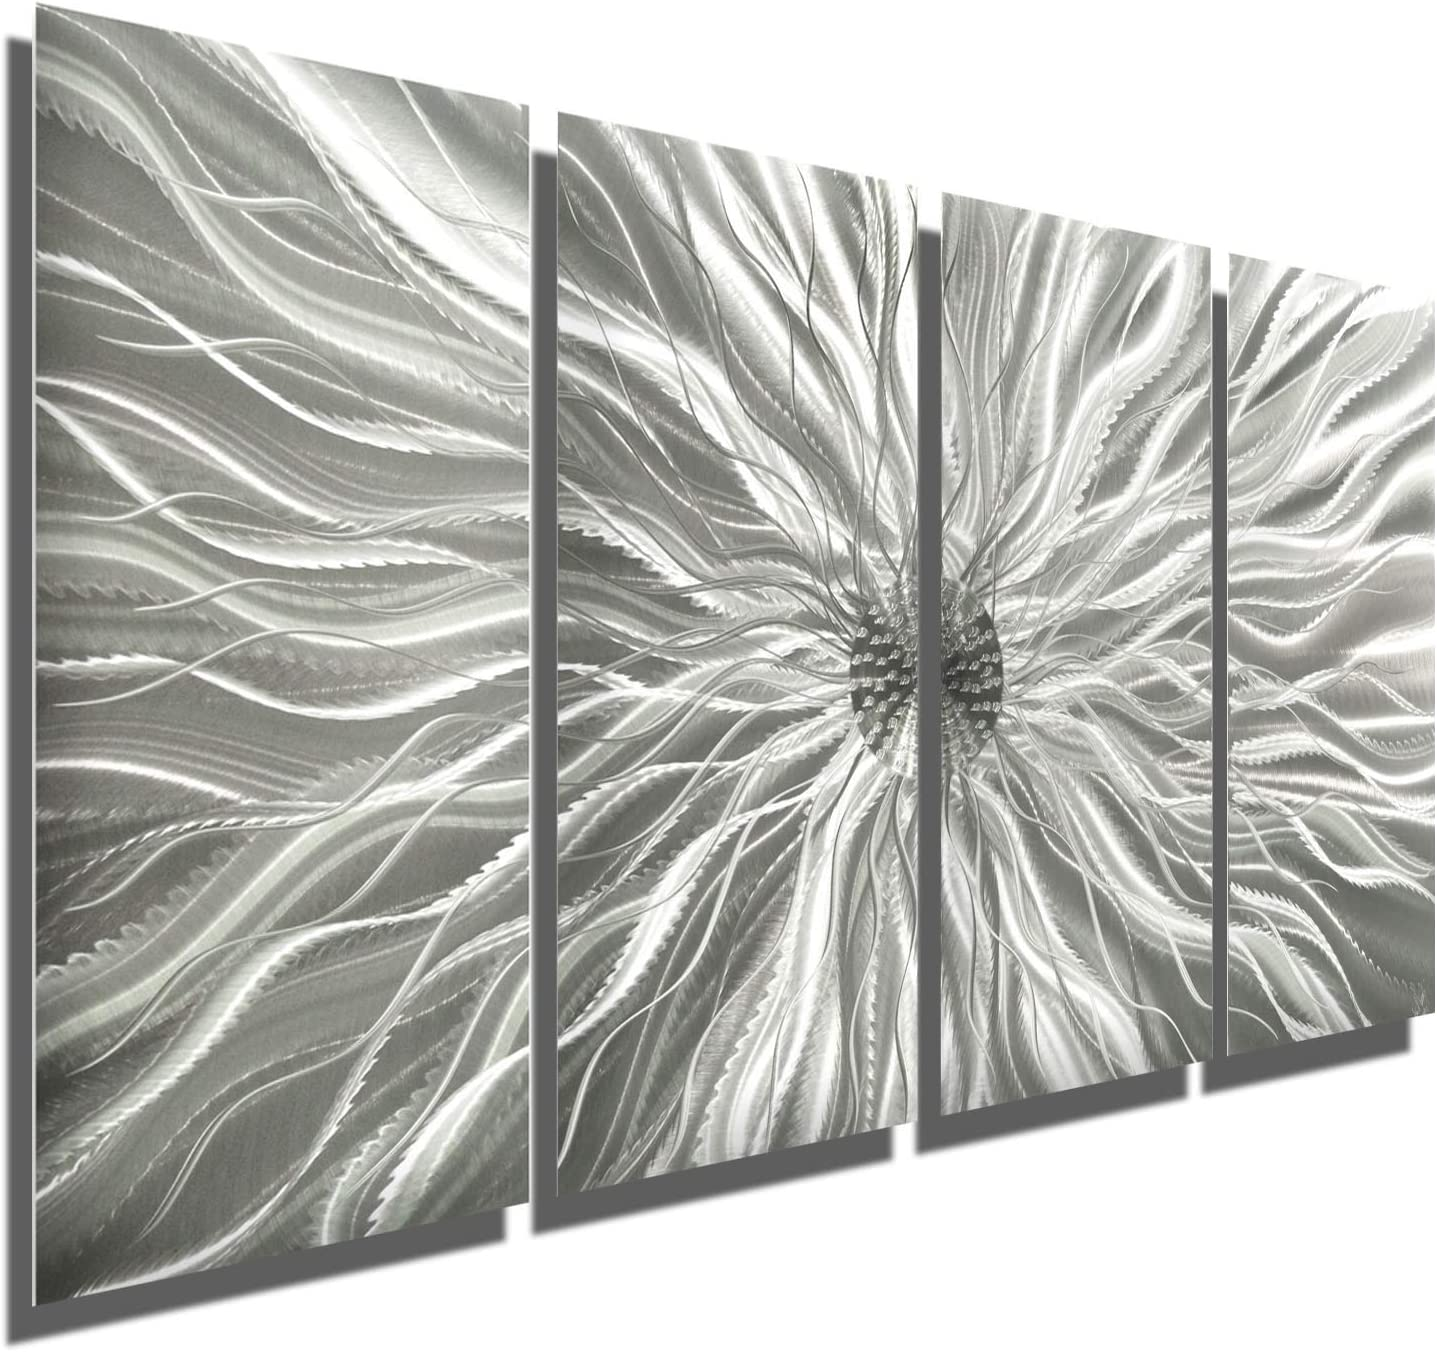 ULTRA MODERN ART  Metal Wall Art  WALL SCULPTURE Abstract Black Silver Jon Allen